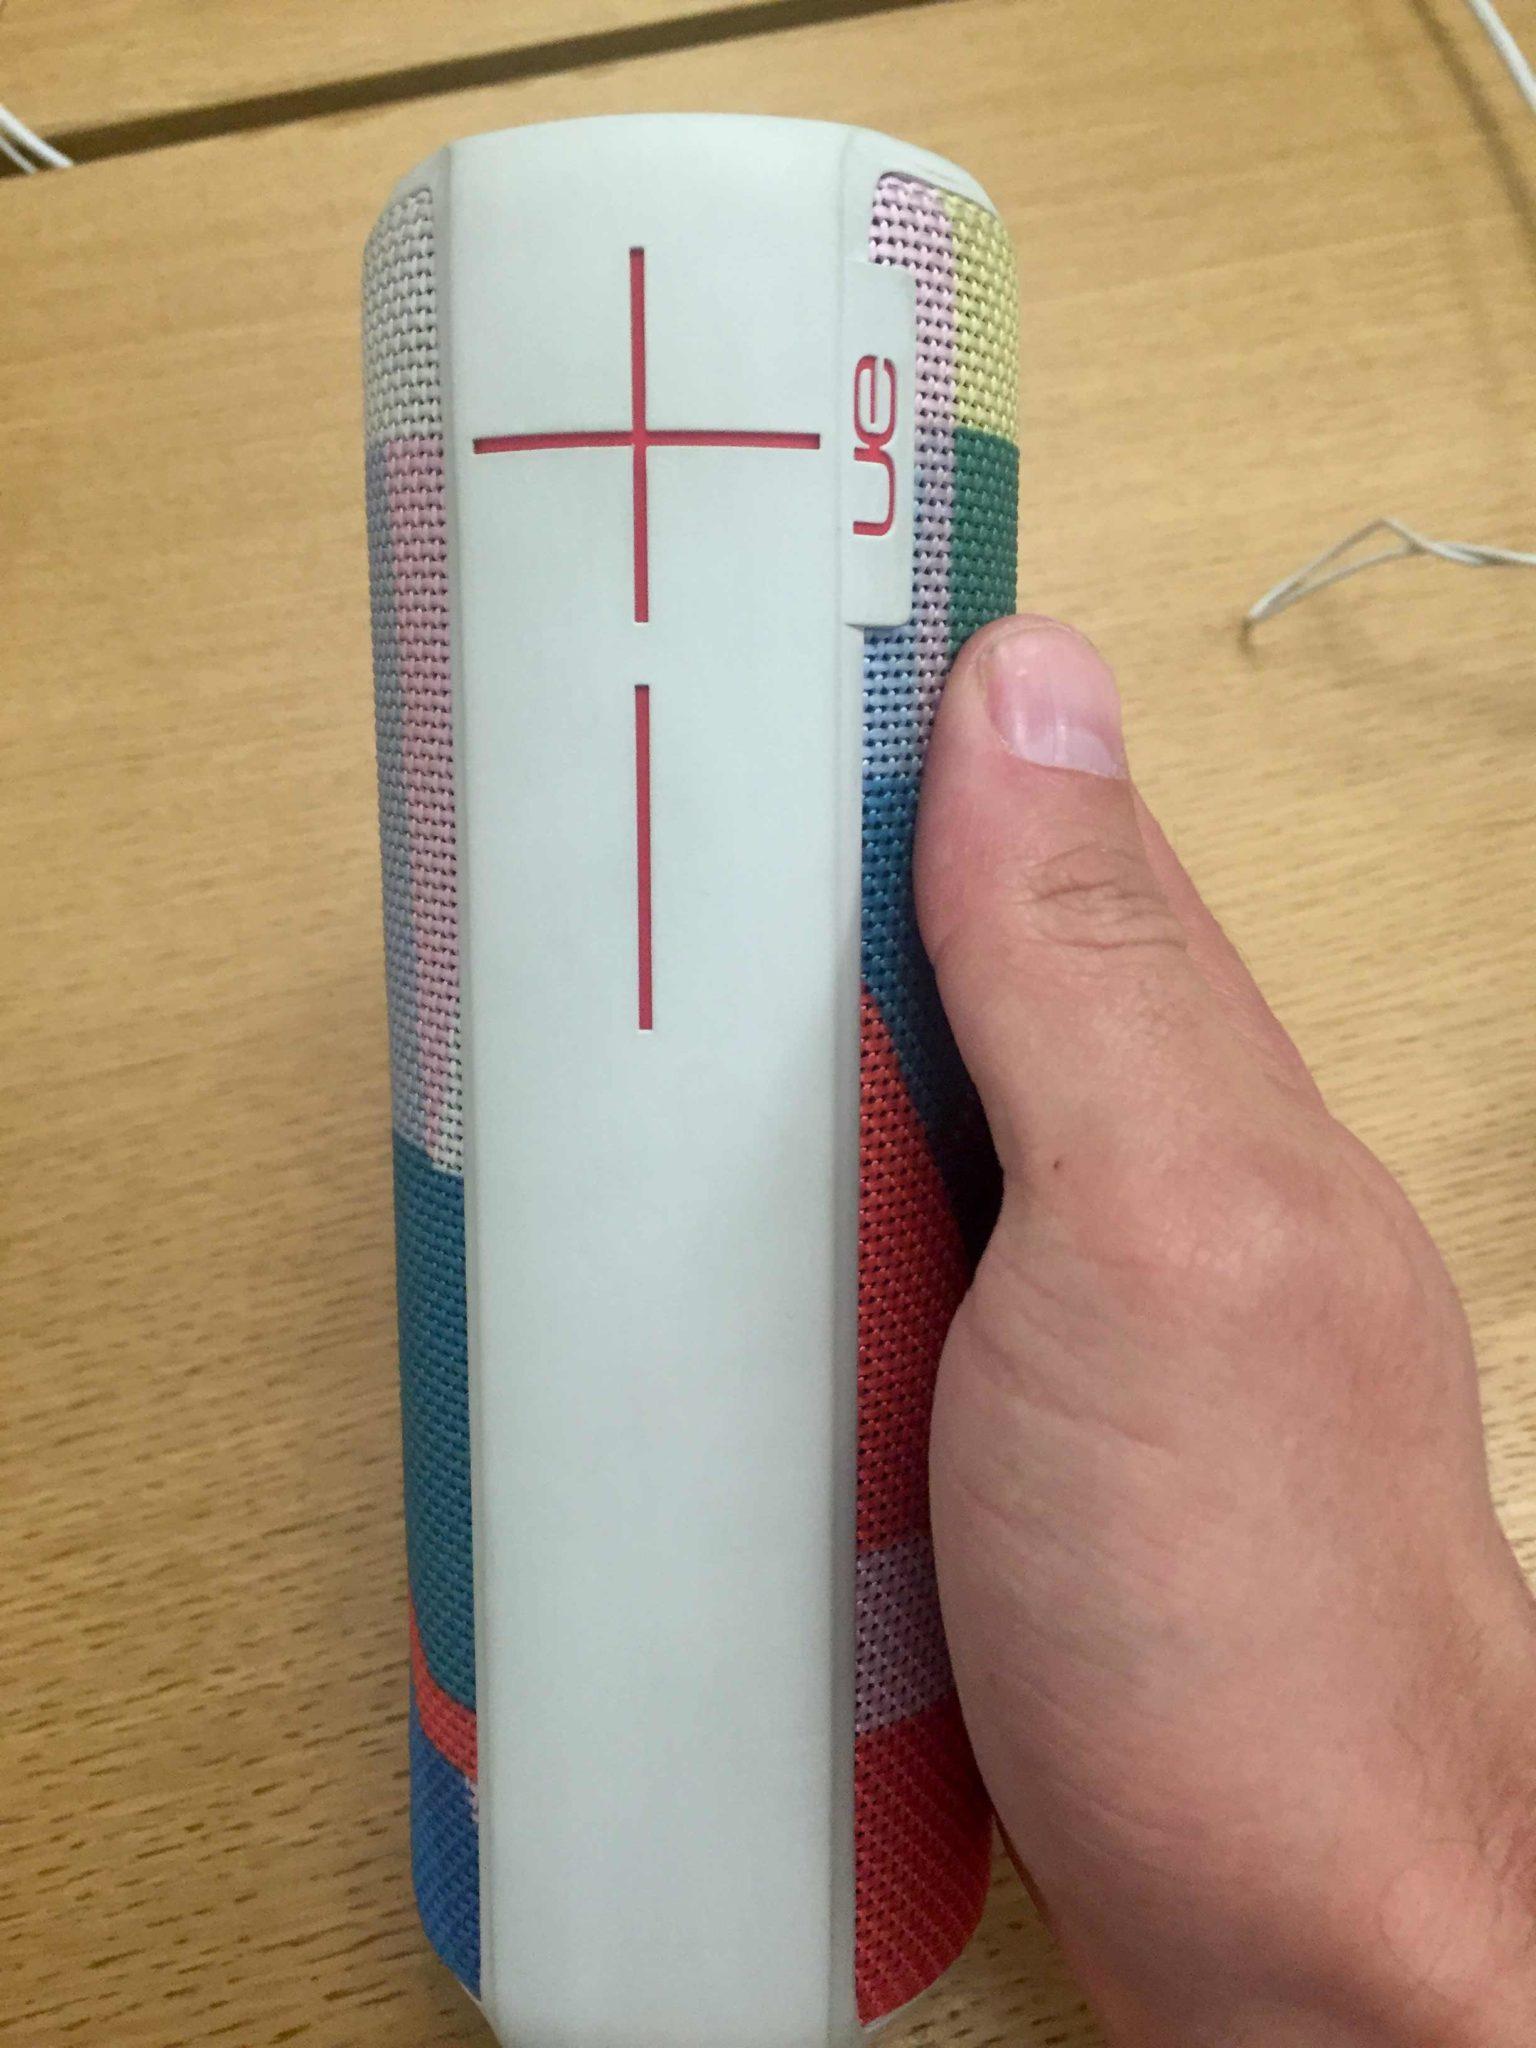 UE-BOOM in der hand farbe weiß